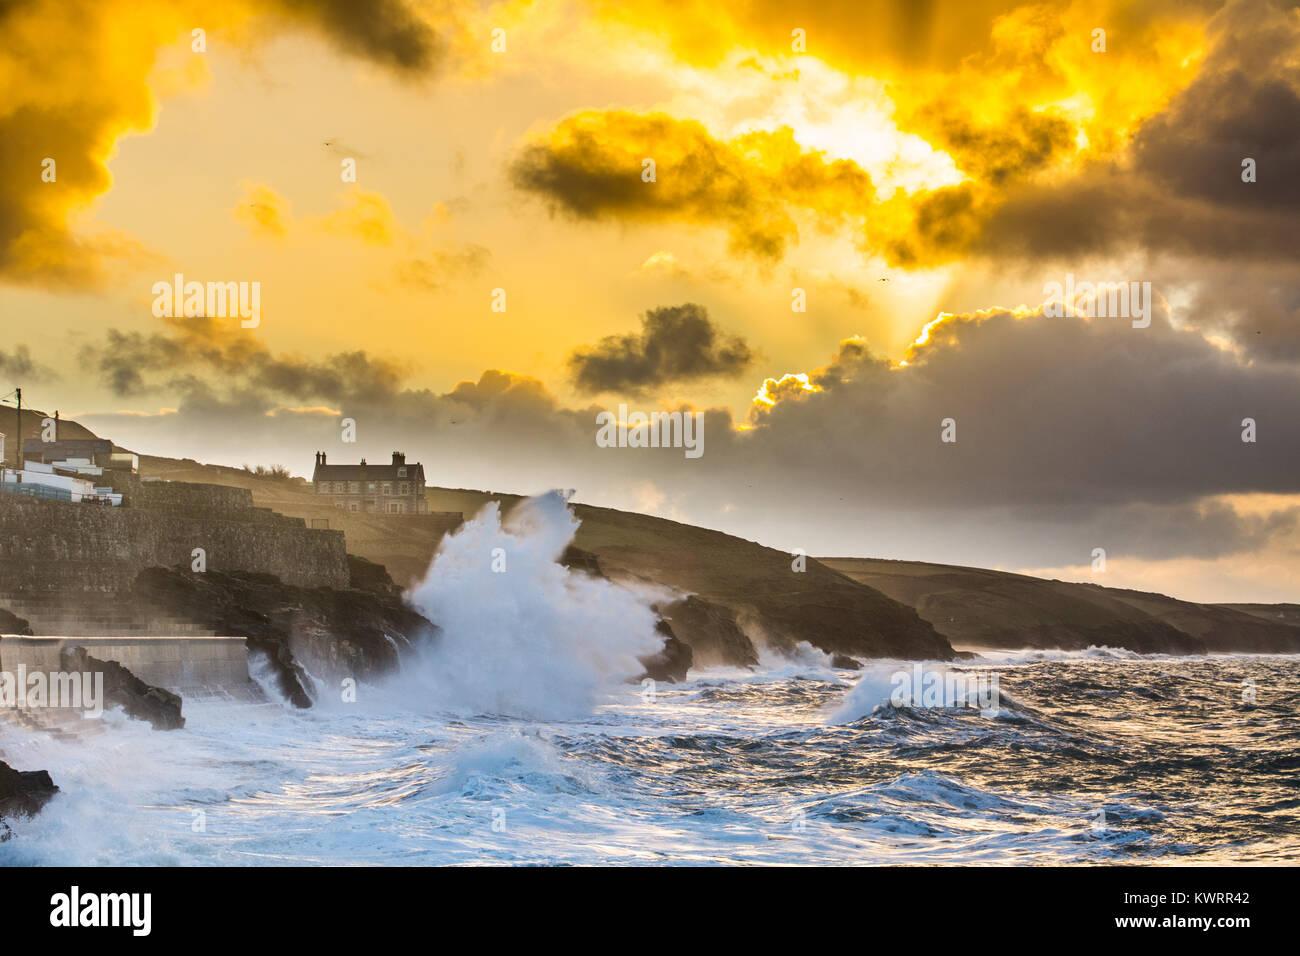 Porthleven, Cornualles, en el Reino Unido. 5 de enero, 2018. El clima del Reino Unido. Los vientos del oeste continúe empujando las enormes olas en Porthleven en la costa sur oeste de Cornualles esta mañana al amanecer, antes de que la ronda de giro de los vientos del noreste. El acantilado entre Porthleven y Loe Bar está cerrado hoy debido a la caída de un gran acantilado. Grandes olas siguen causando daño permanente. Crédito: Simon Maycock/Alamy Live News Foto de stock